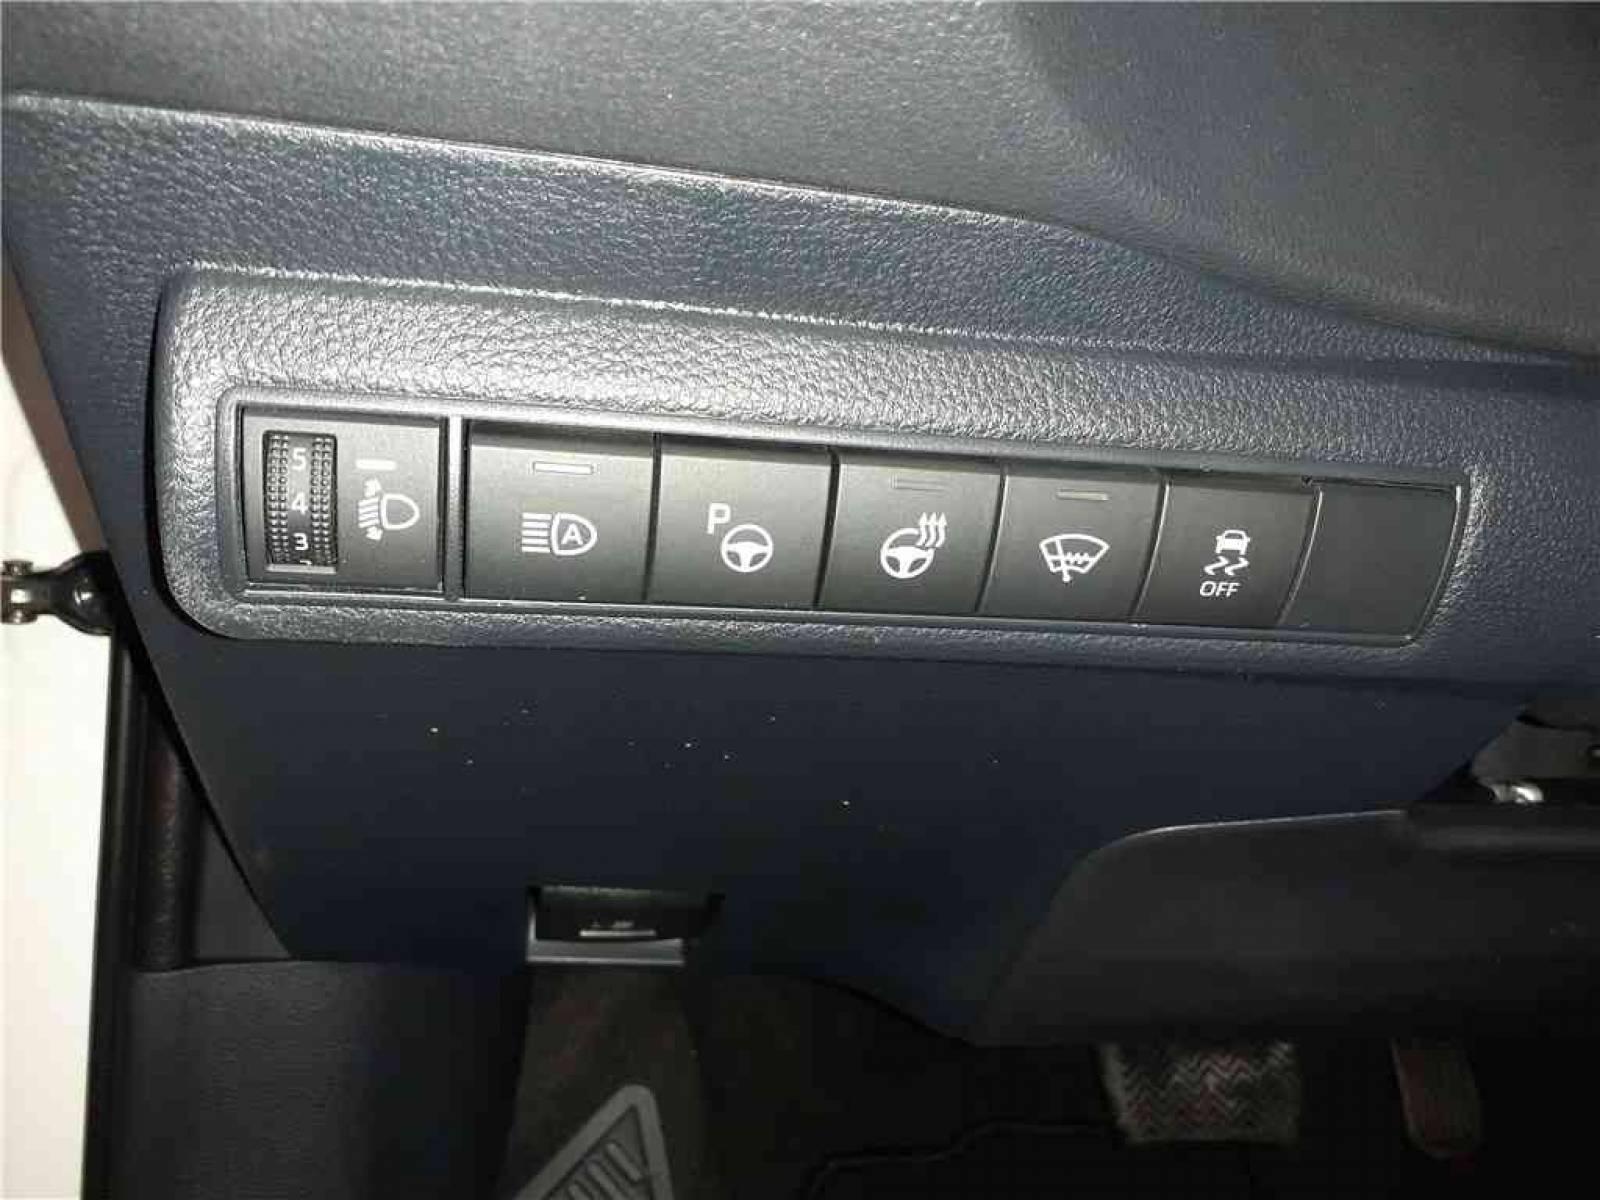 SUZUKI Swace 1.8 Hybrid - véhicule d'occasion - Groupe Guillet - Hall de l'automobile - Chalon sur Saône - 71380 - Saint-Marcel - 12